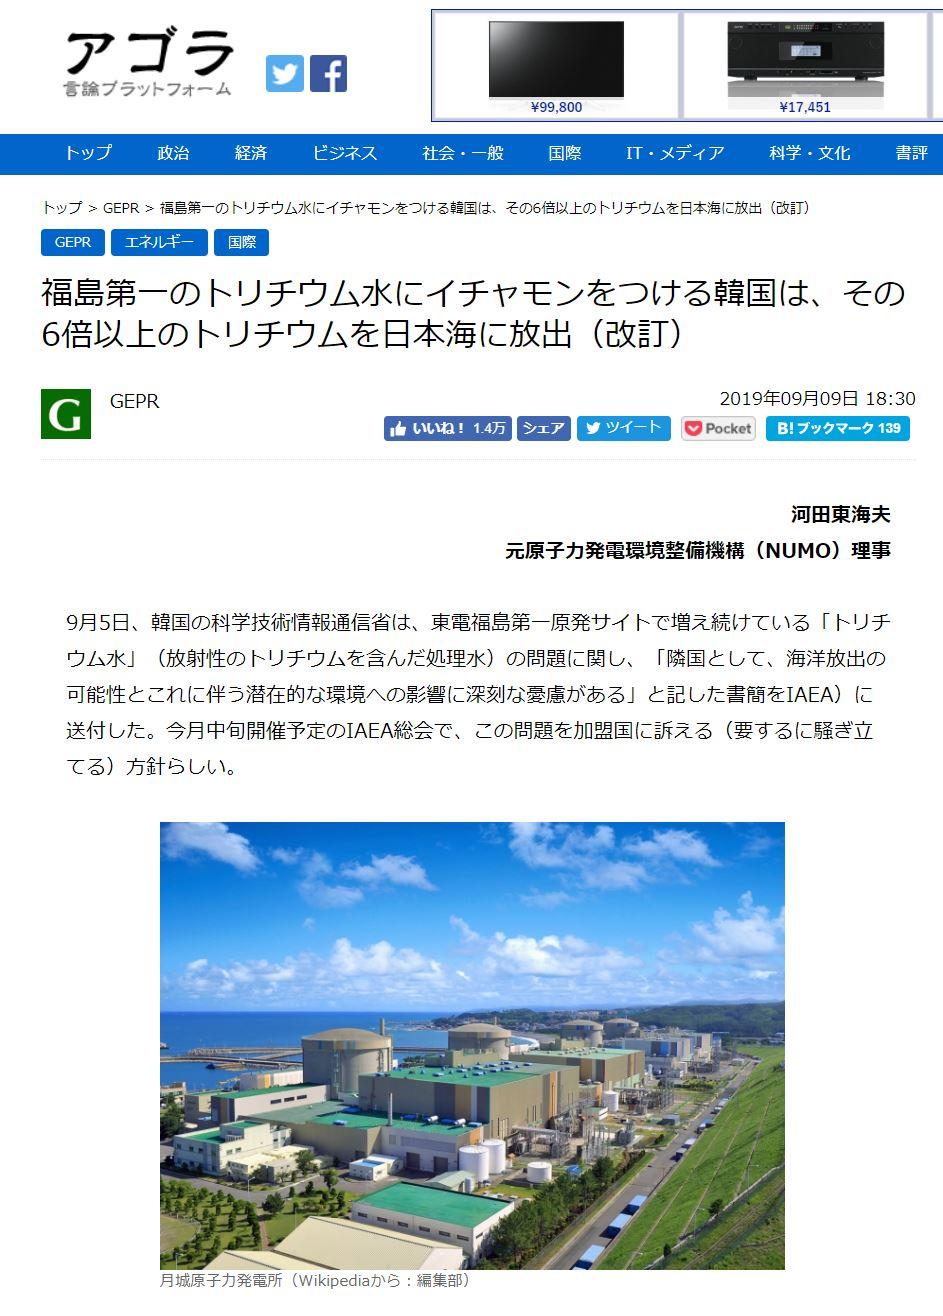 makino-new2.JPG